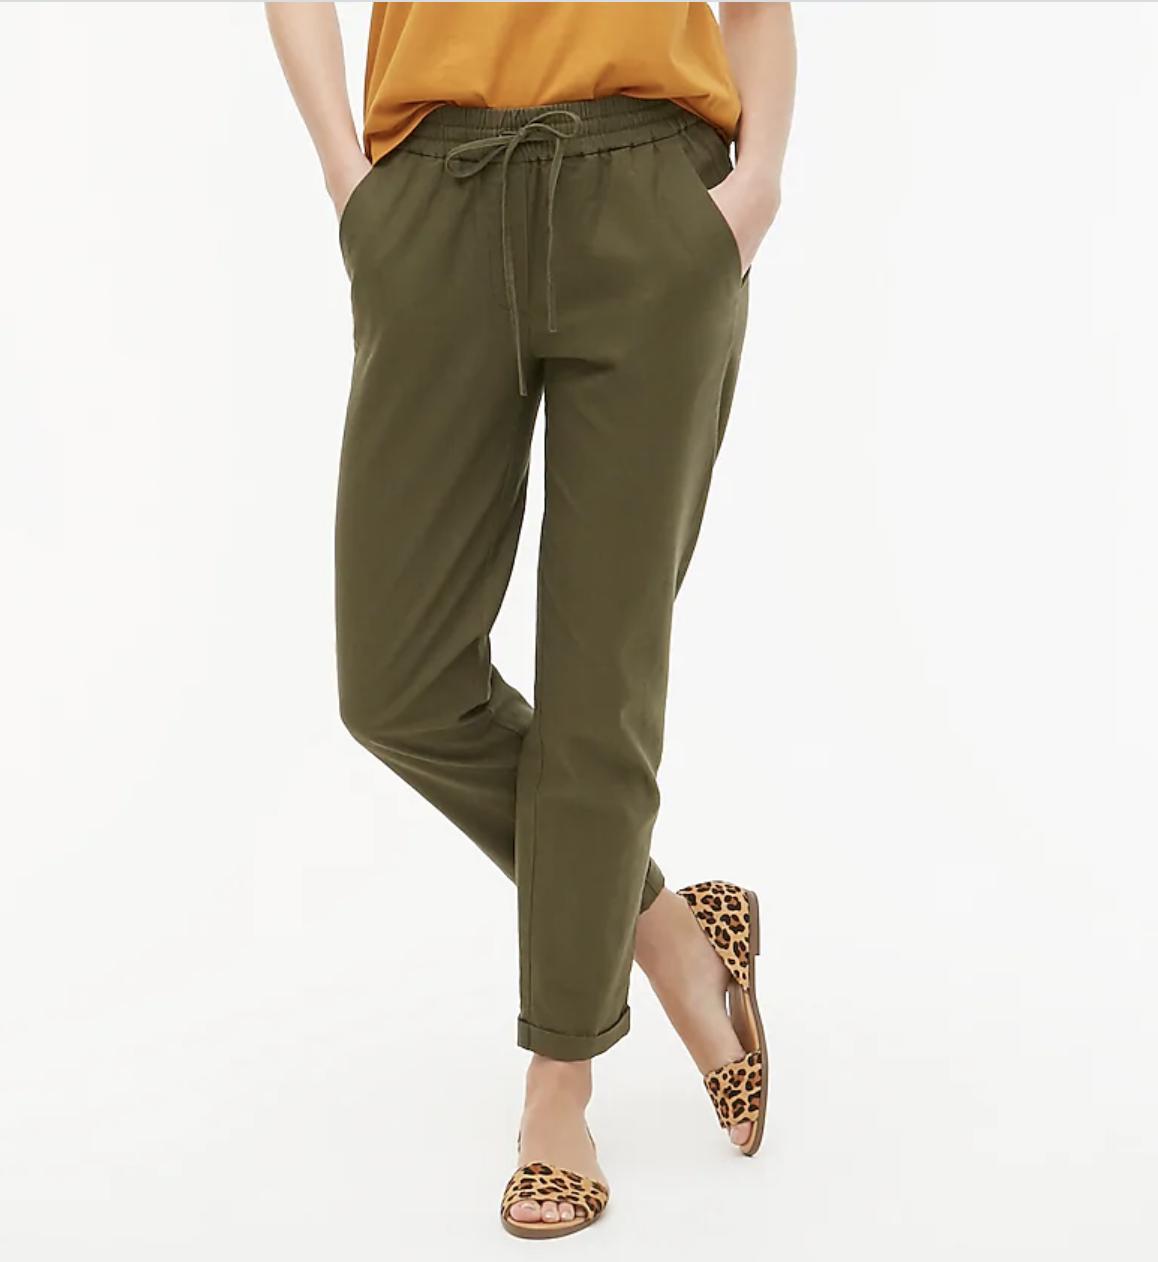 A model wears the pants